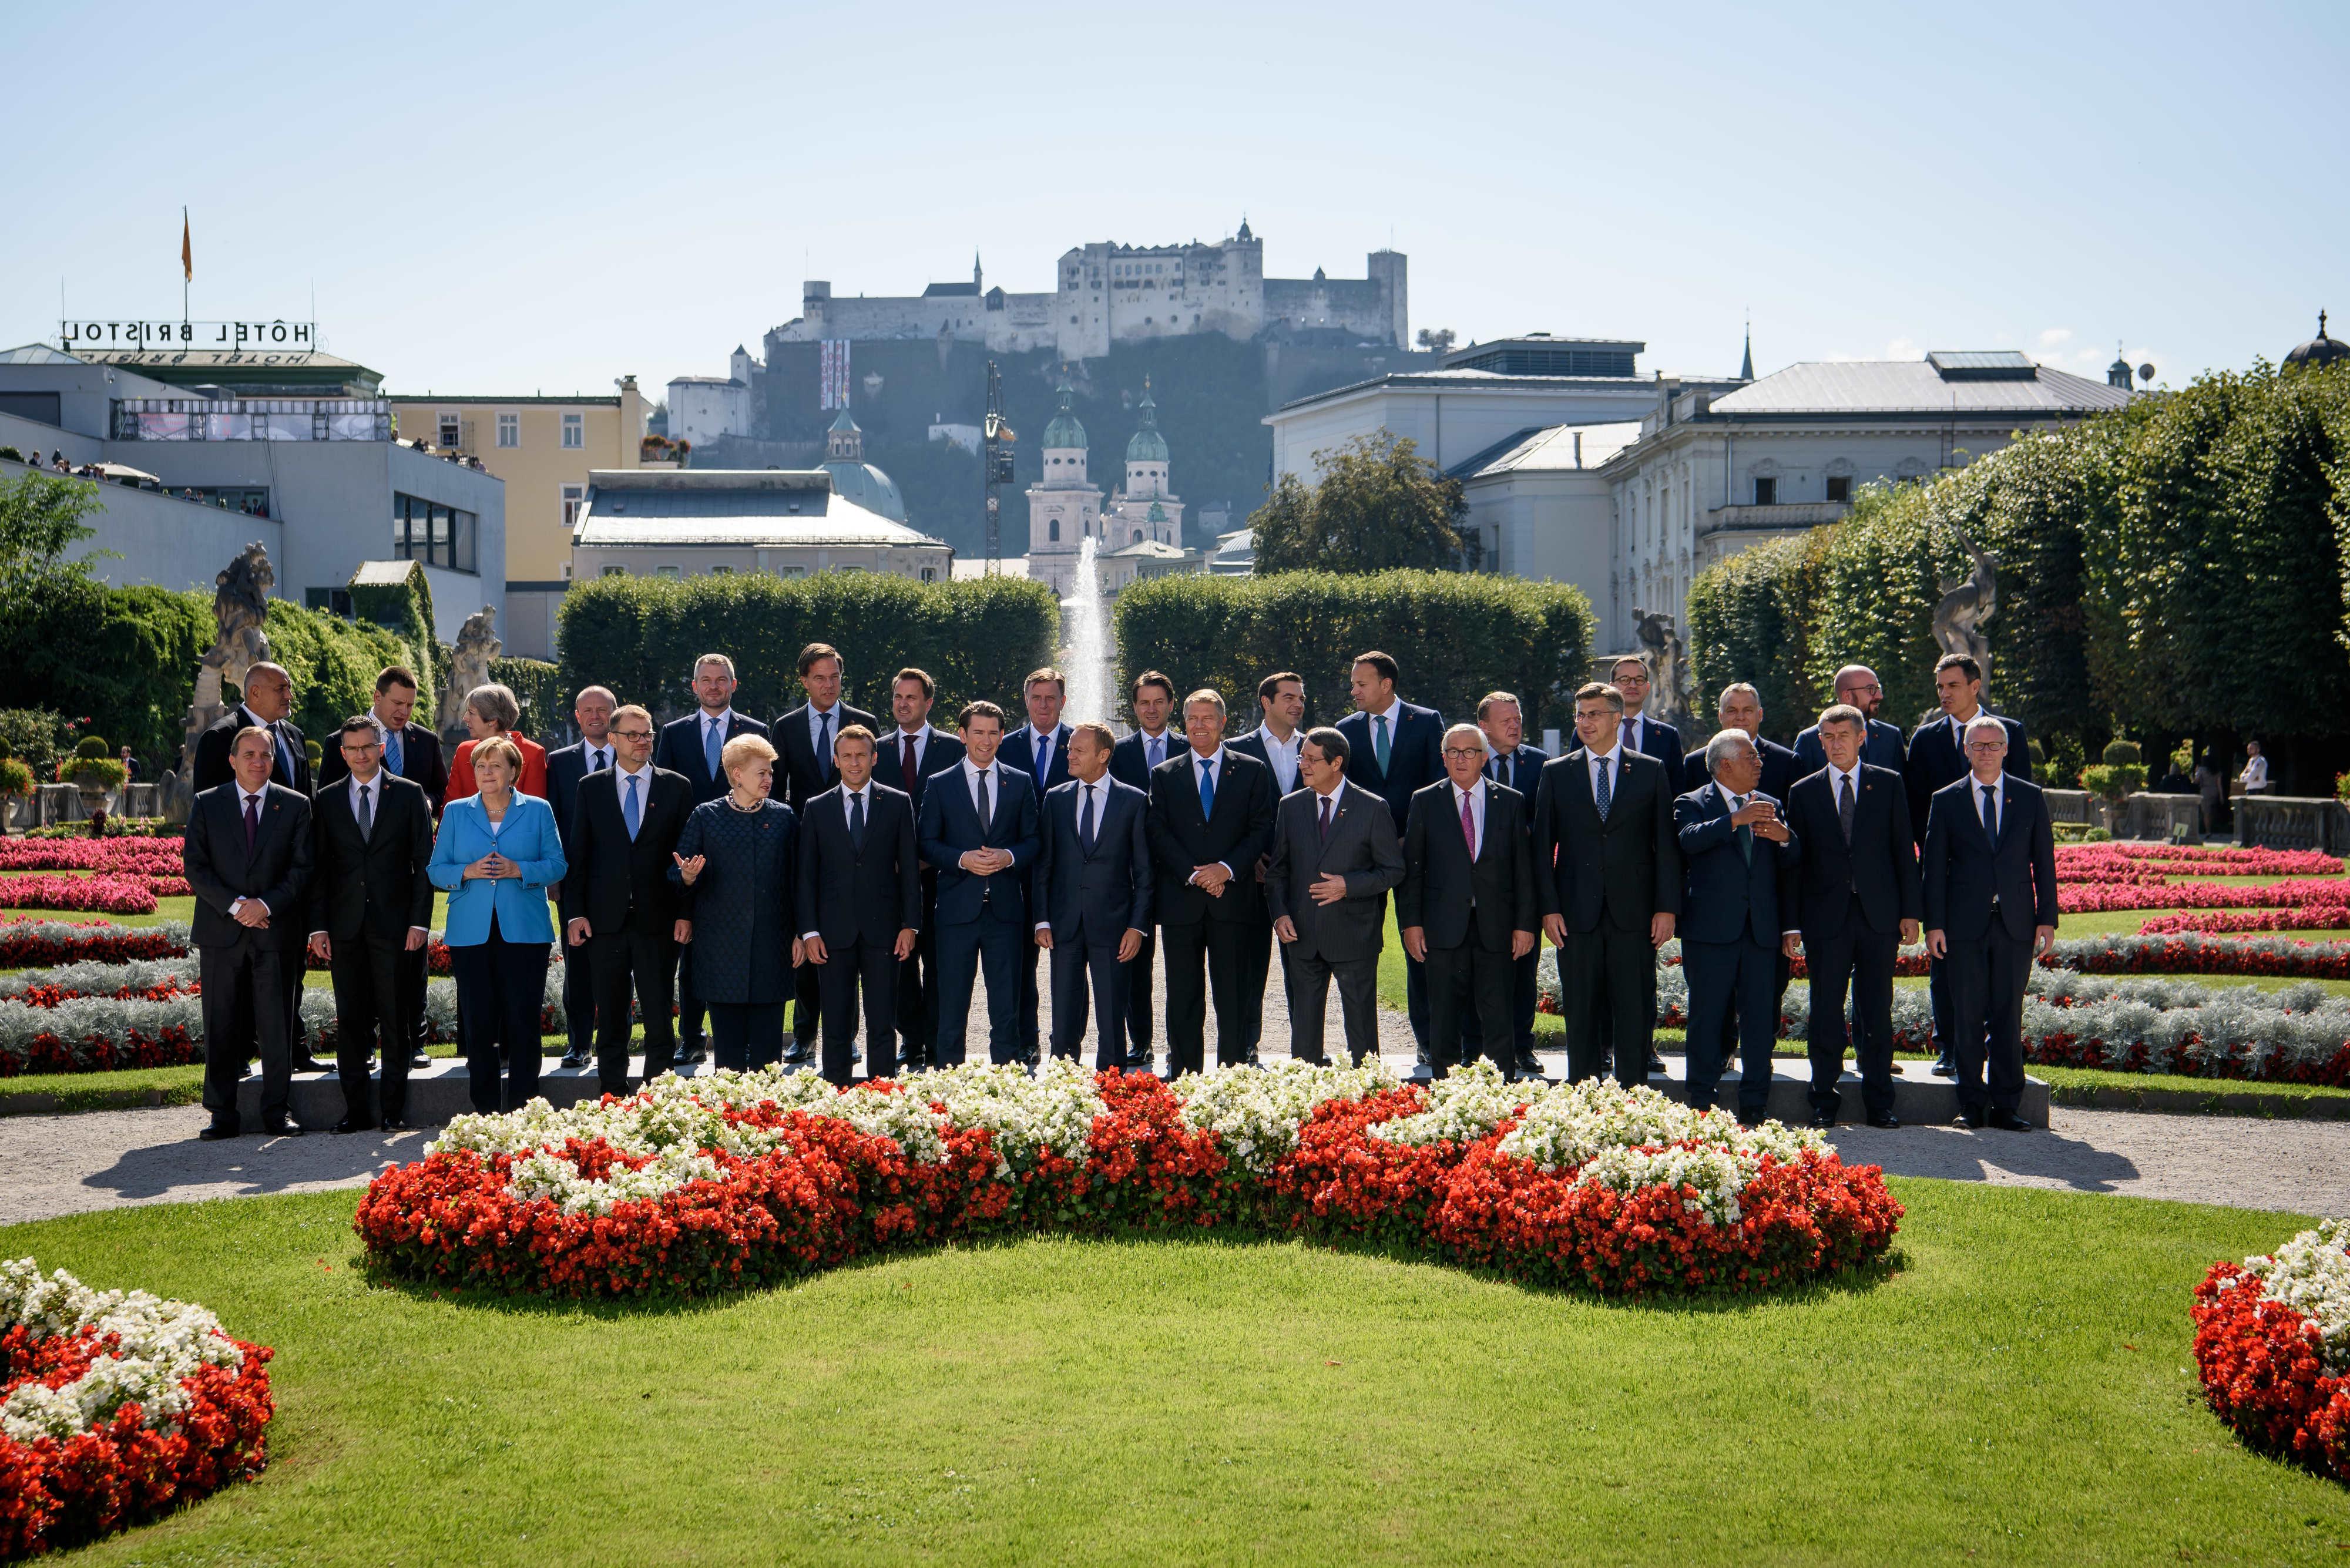 Koda 202 - 12.45 skupinsko fotografiranje vodij delegacij (fototermin); Mozarteum University Salzburg, SALZBURG Foto: Nebojša Tejić/STA